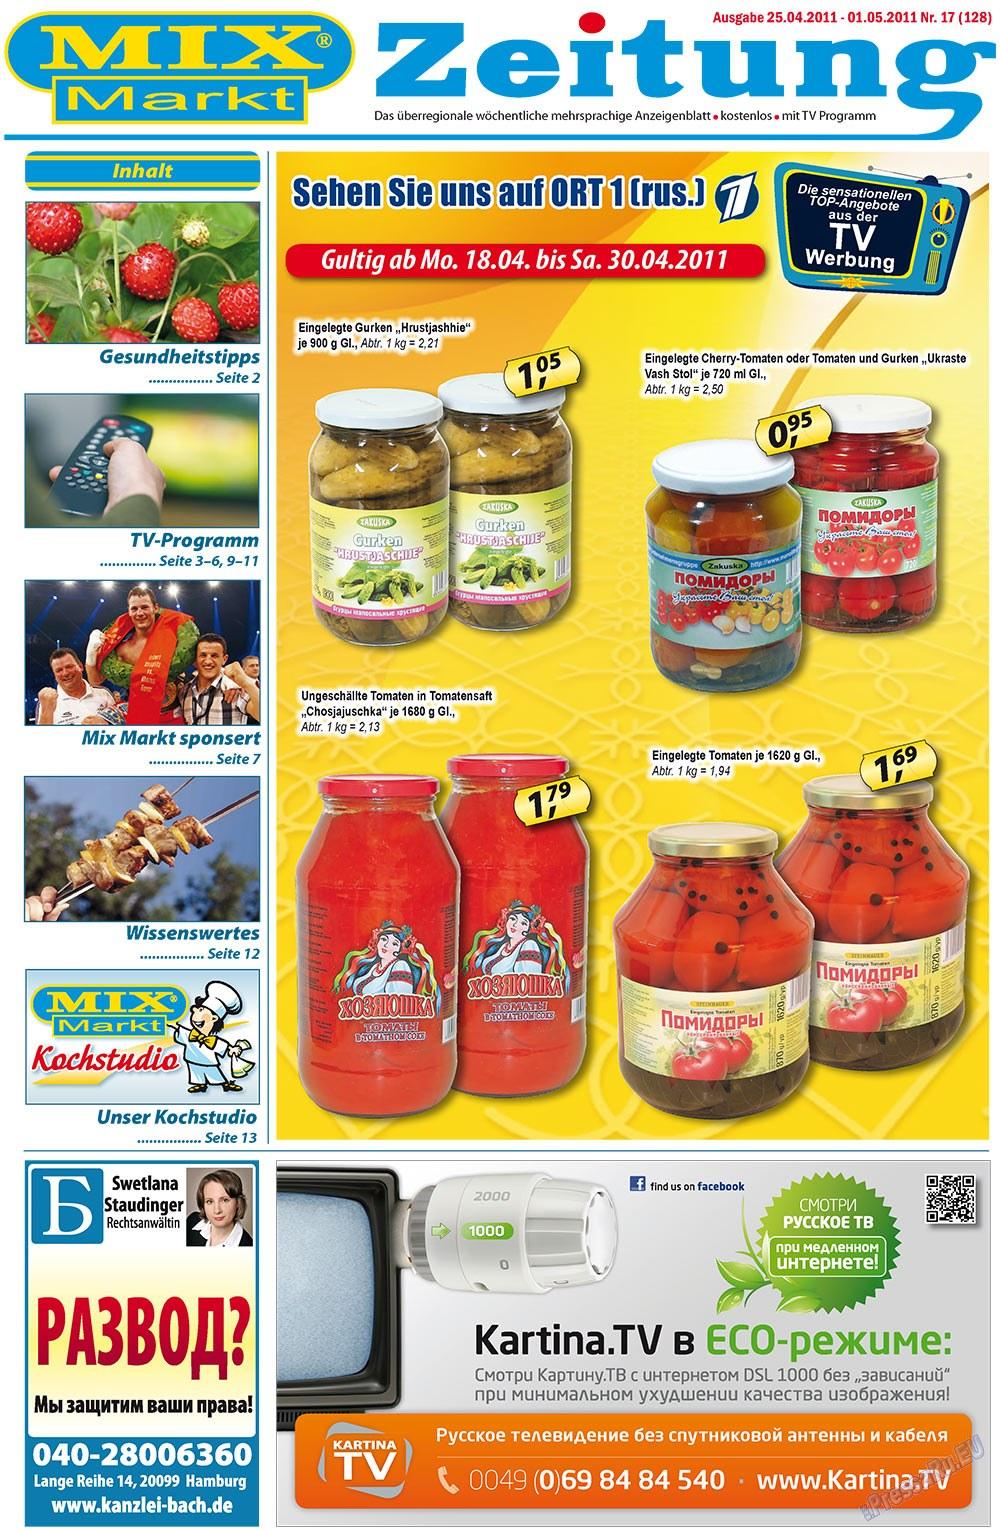 MIX-Markt Zeitung (газета). 2011 год, номер 17, стр. 1